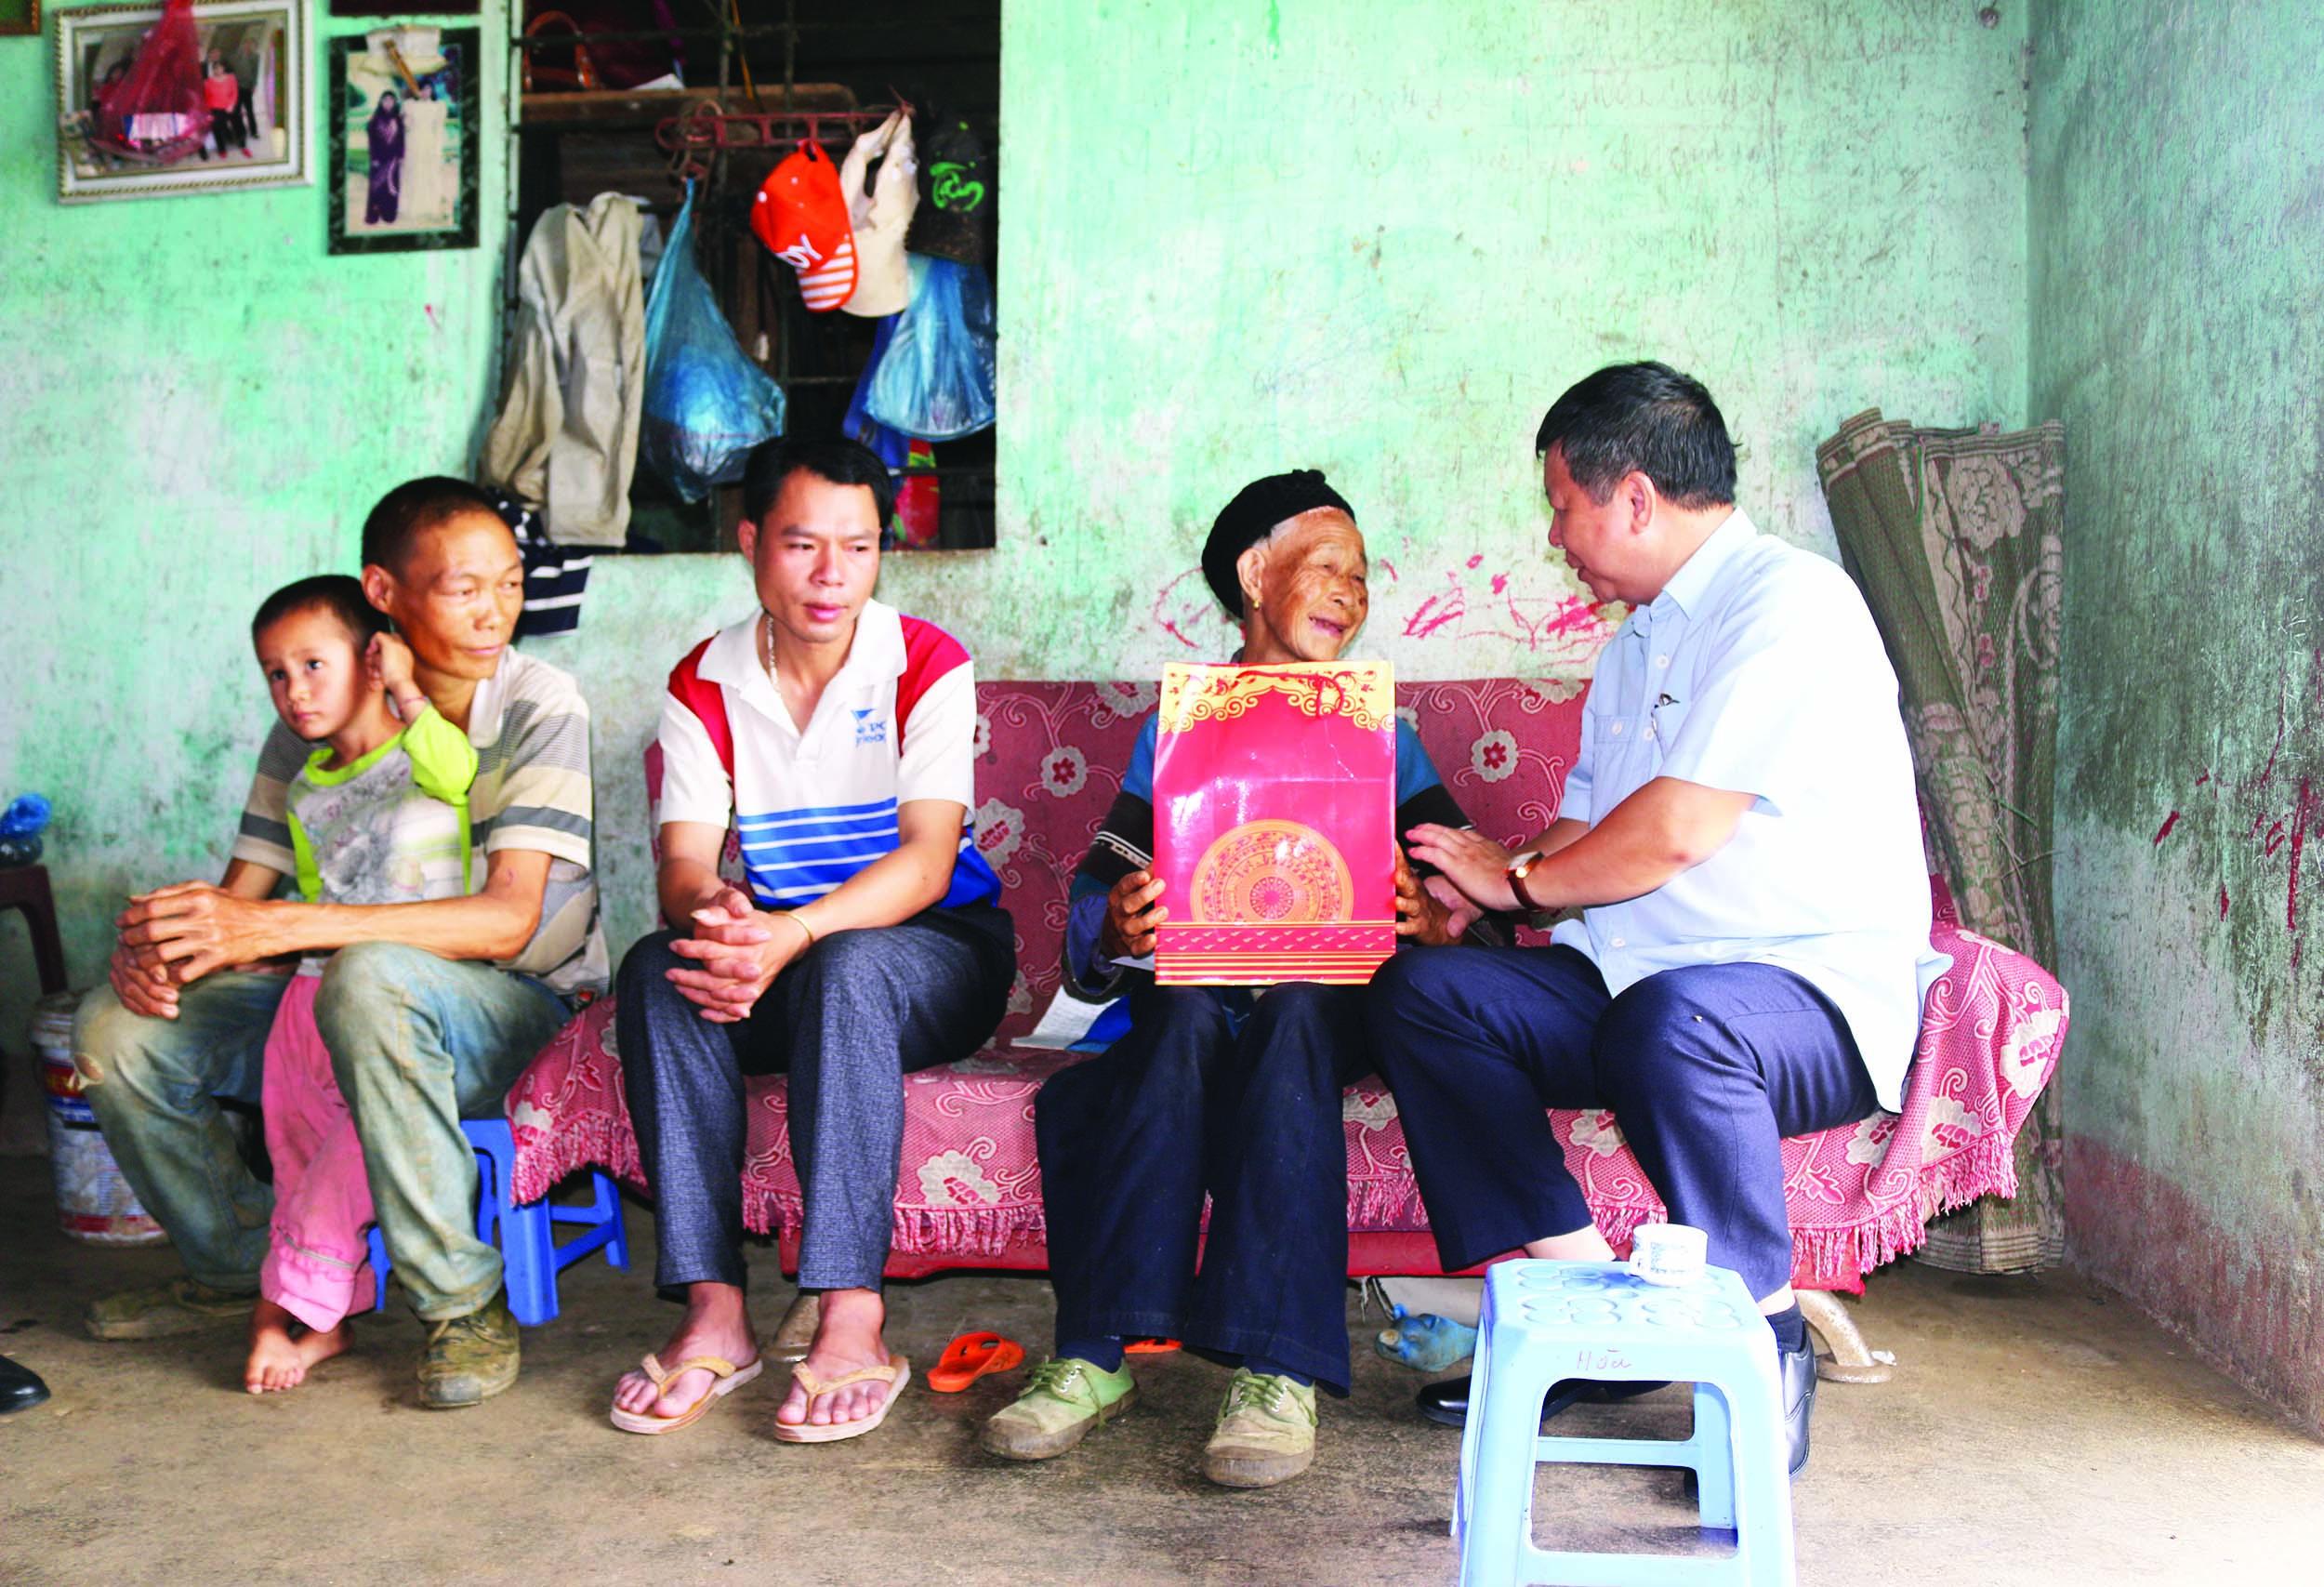 Phó Chủ tịch UBND tỉnh Lê Ngọc Hưng thăm, tặng quà gia đình người có công, gia đình chính sách huyện Mường Khương.